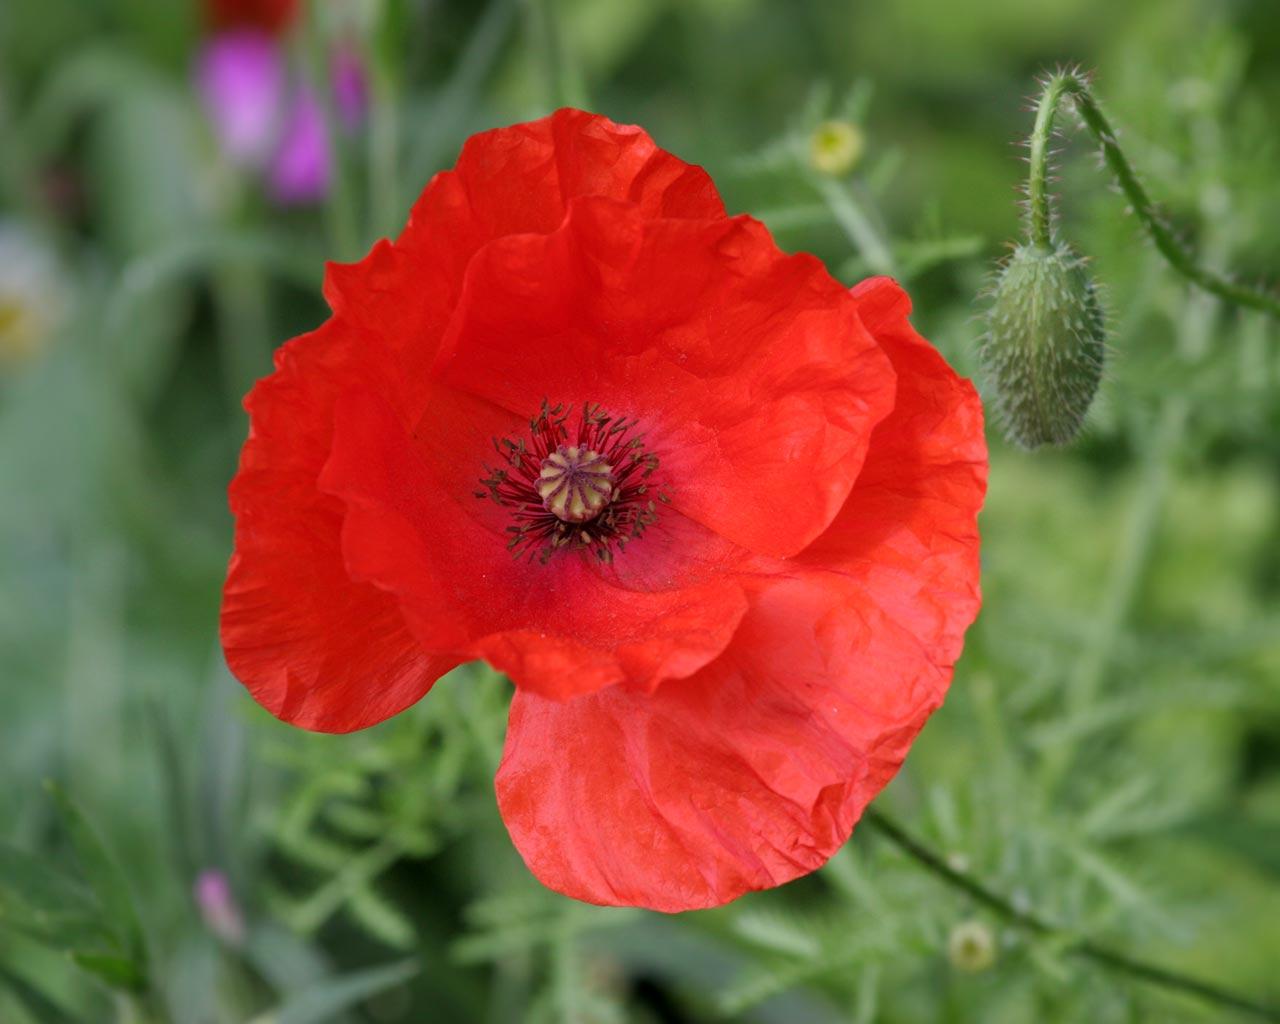 http://3.bp.blogspot.com/-XLx-E4E3GKg/Tu9cADyG1SI/AAAAAAAAAts/eAmAAONeSpo/s1600/red-poppy-flower.jpg